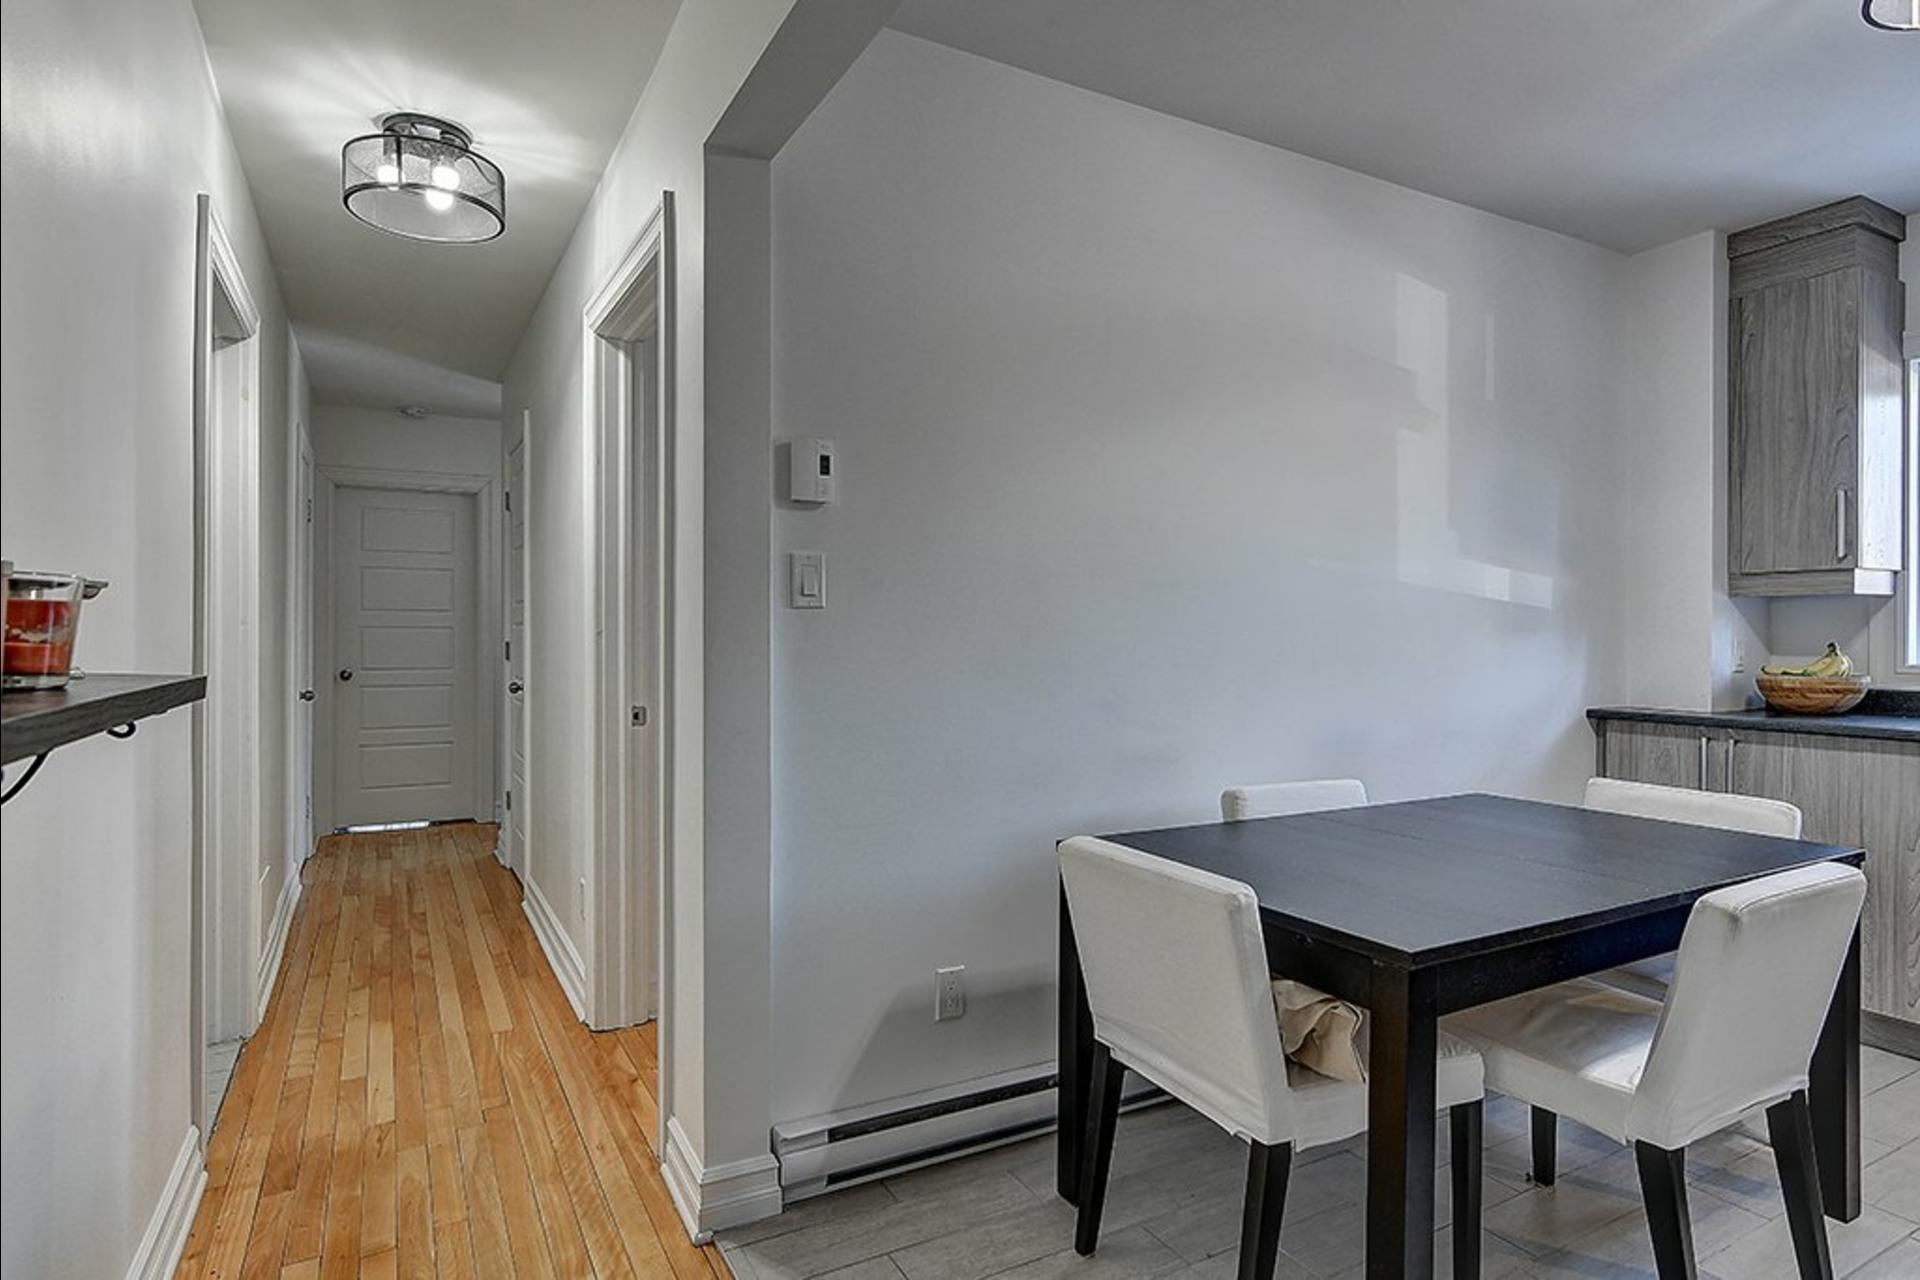 image 8 - 收入财产 出售 Le Sud-Ouest Montréal  - 4 室